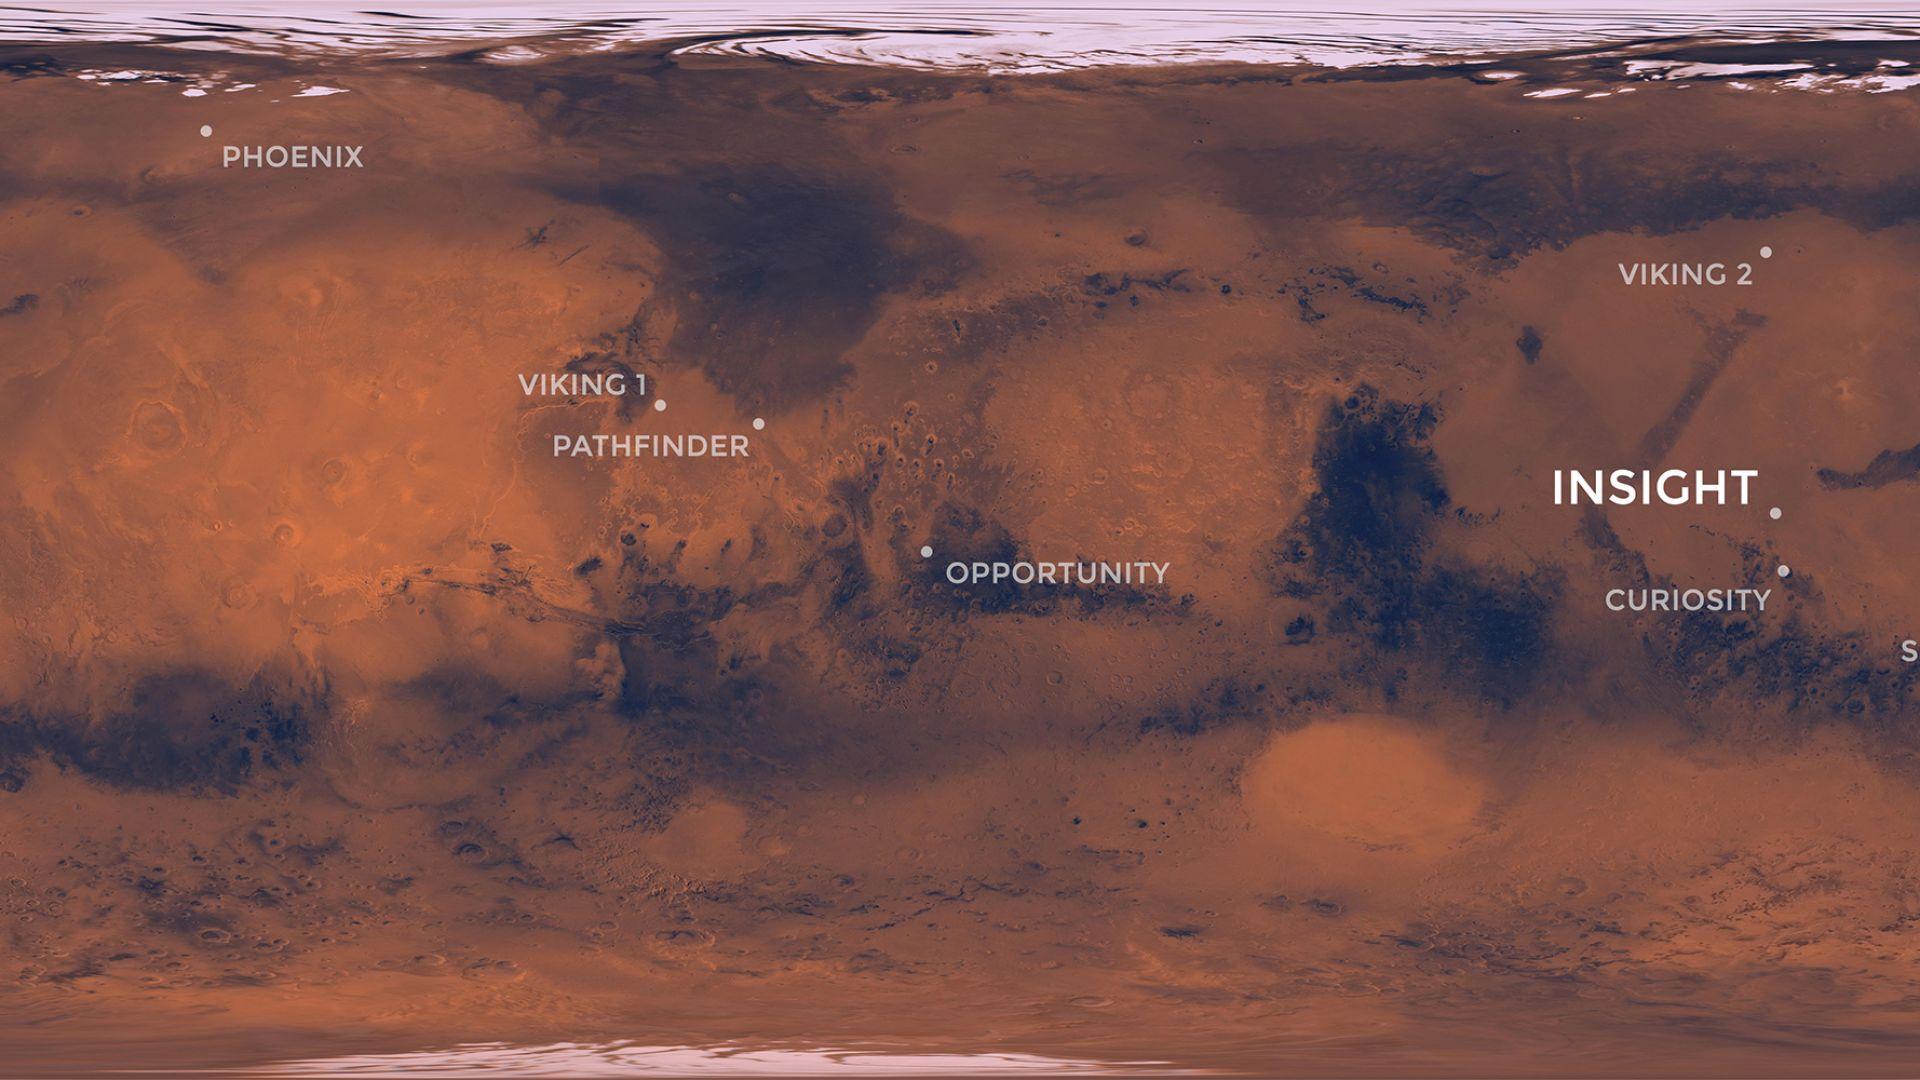 Местоположението на изпратените до този момент сонди на Марс